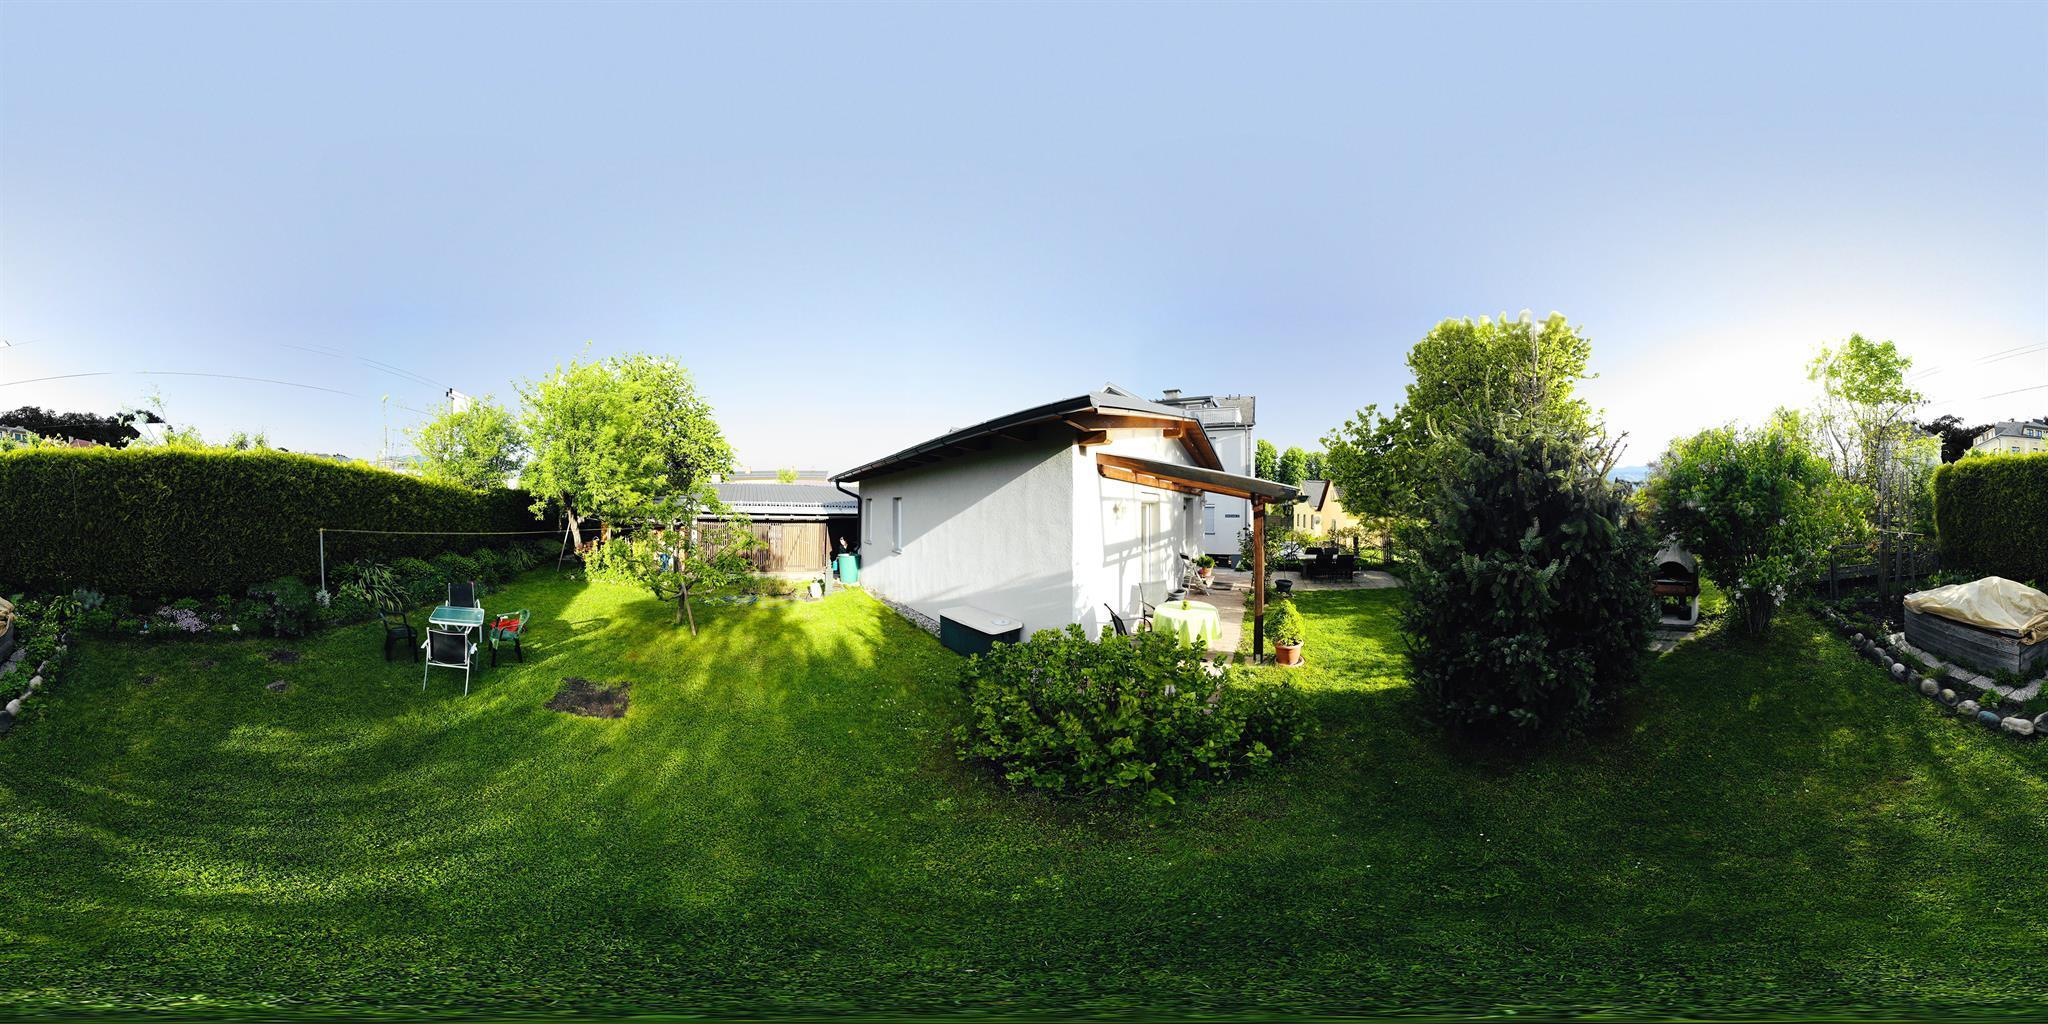 Ferienhaus Villach Villach (2548000), Villach, Villach, Kärnten, Österreich, Bild 48